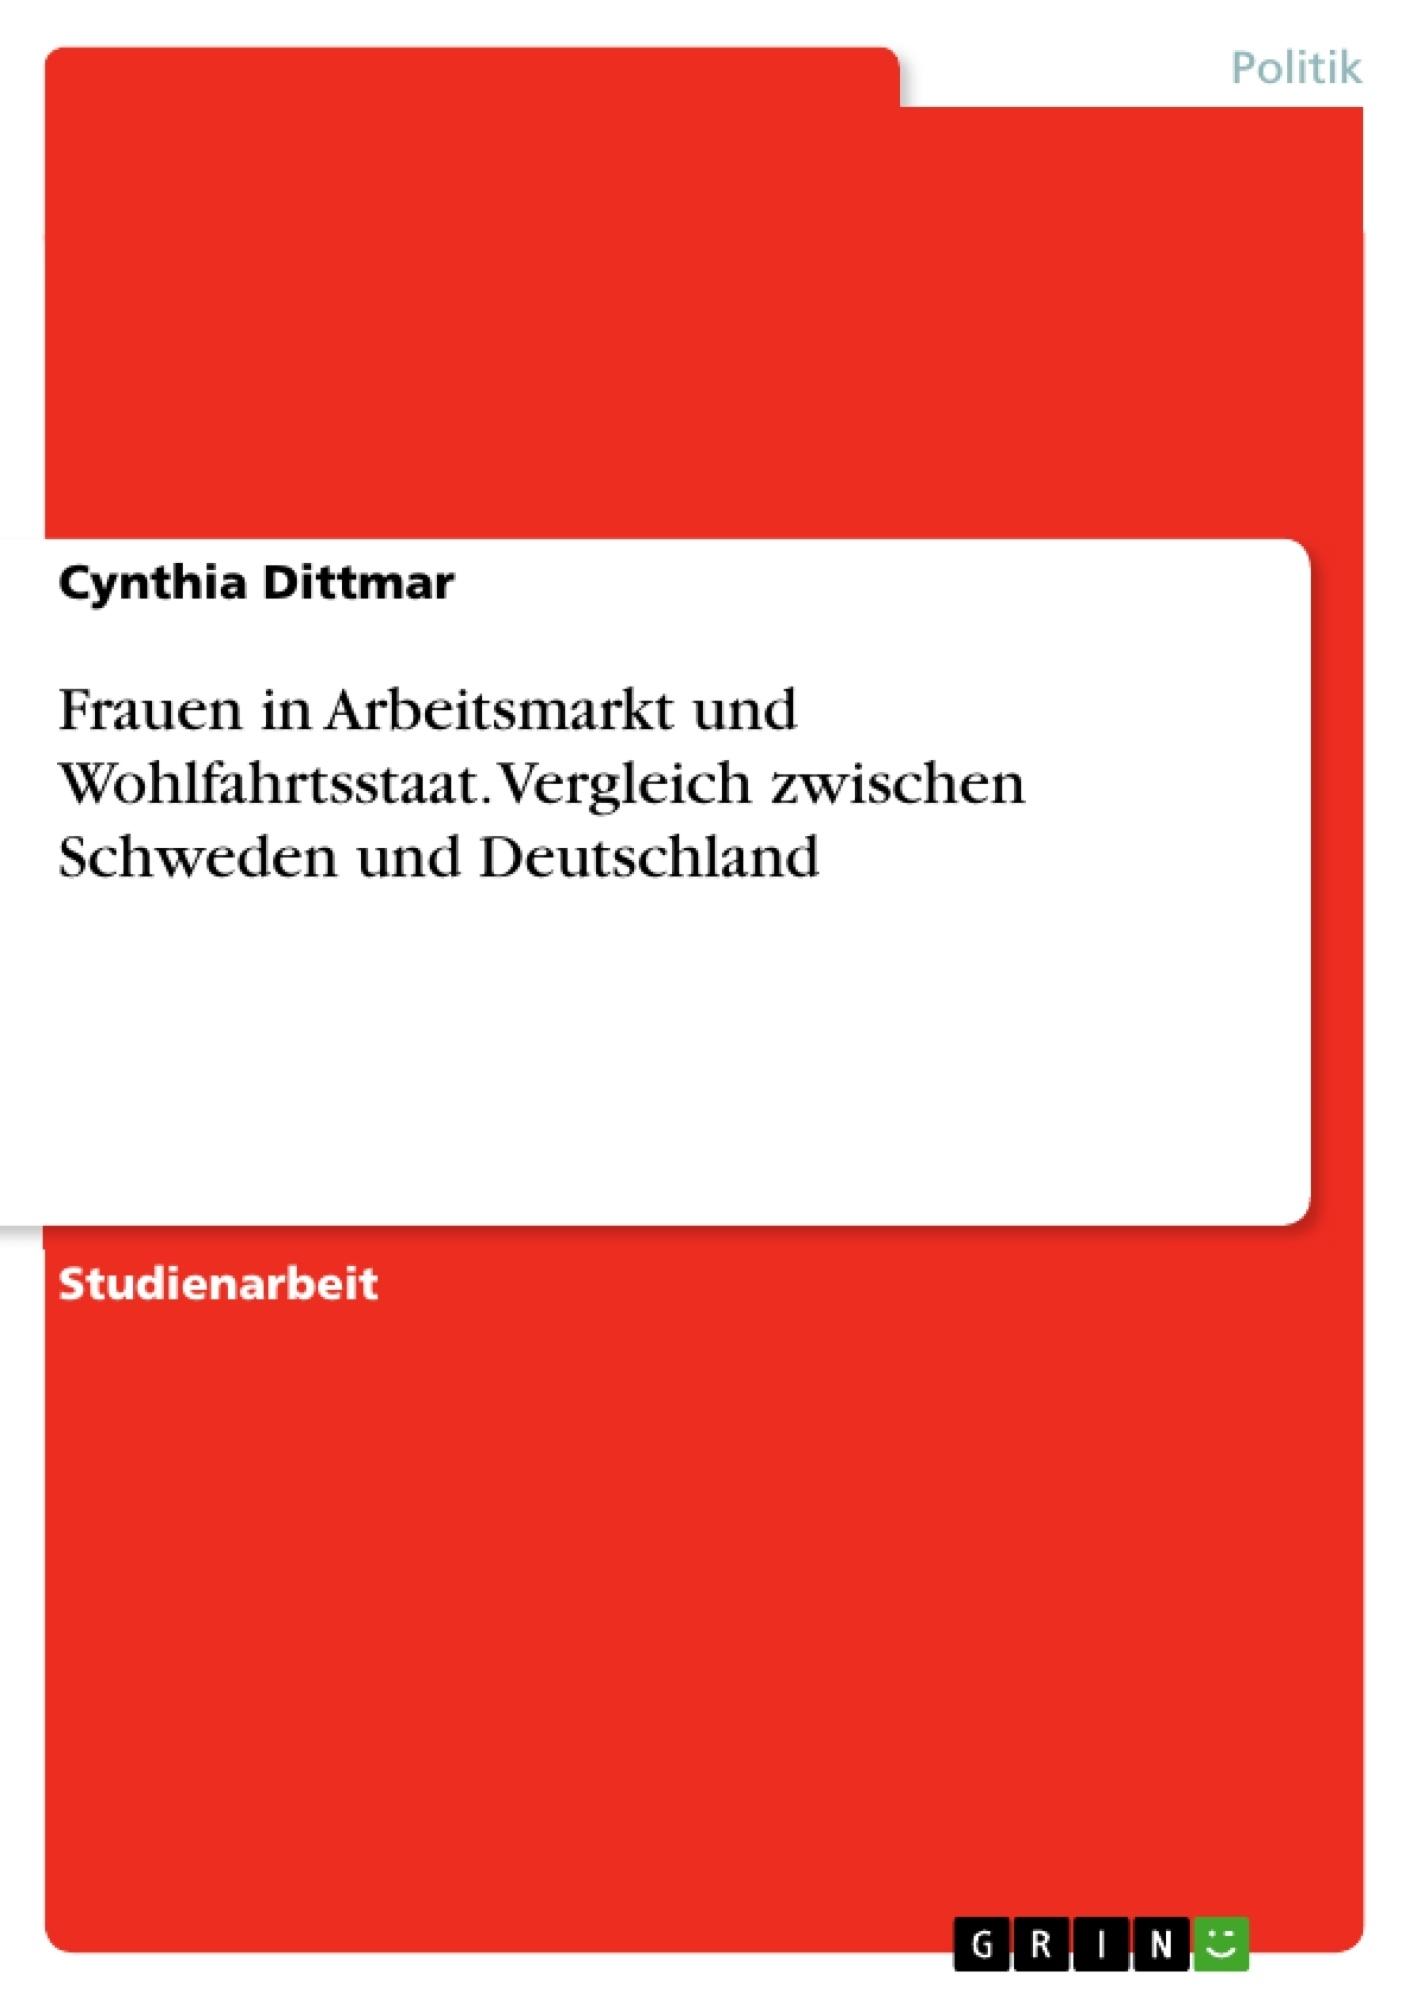 Titel: Frauen in Arbeitsmarkt und Wohlfahrtsstaat. Vergleich zwischen Schweden und Deutschland